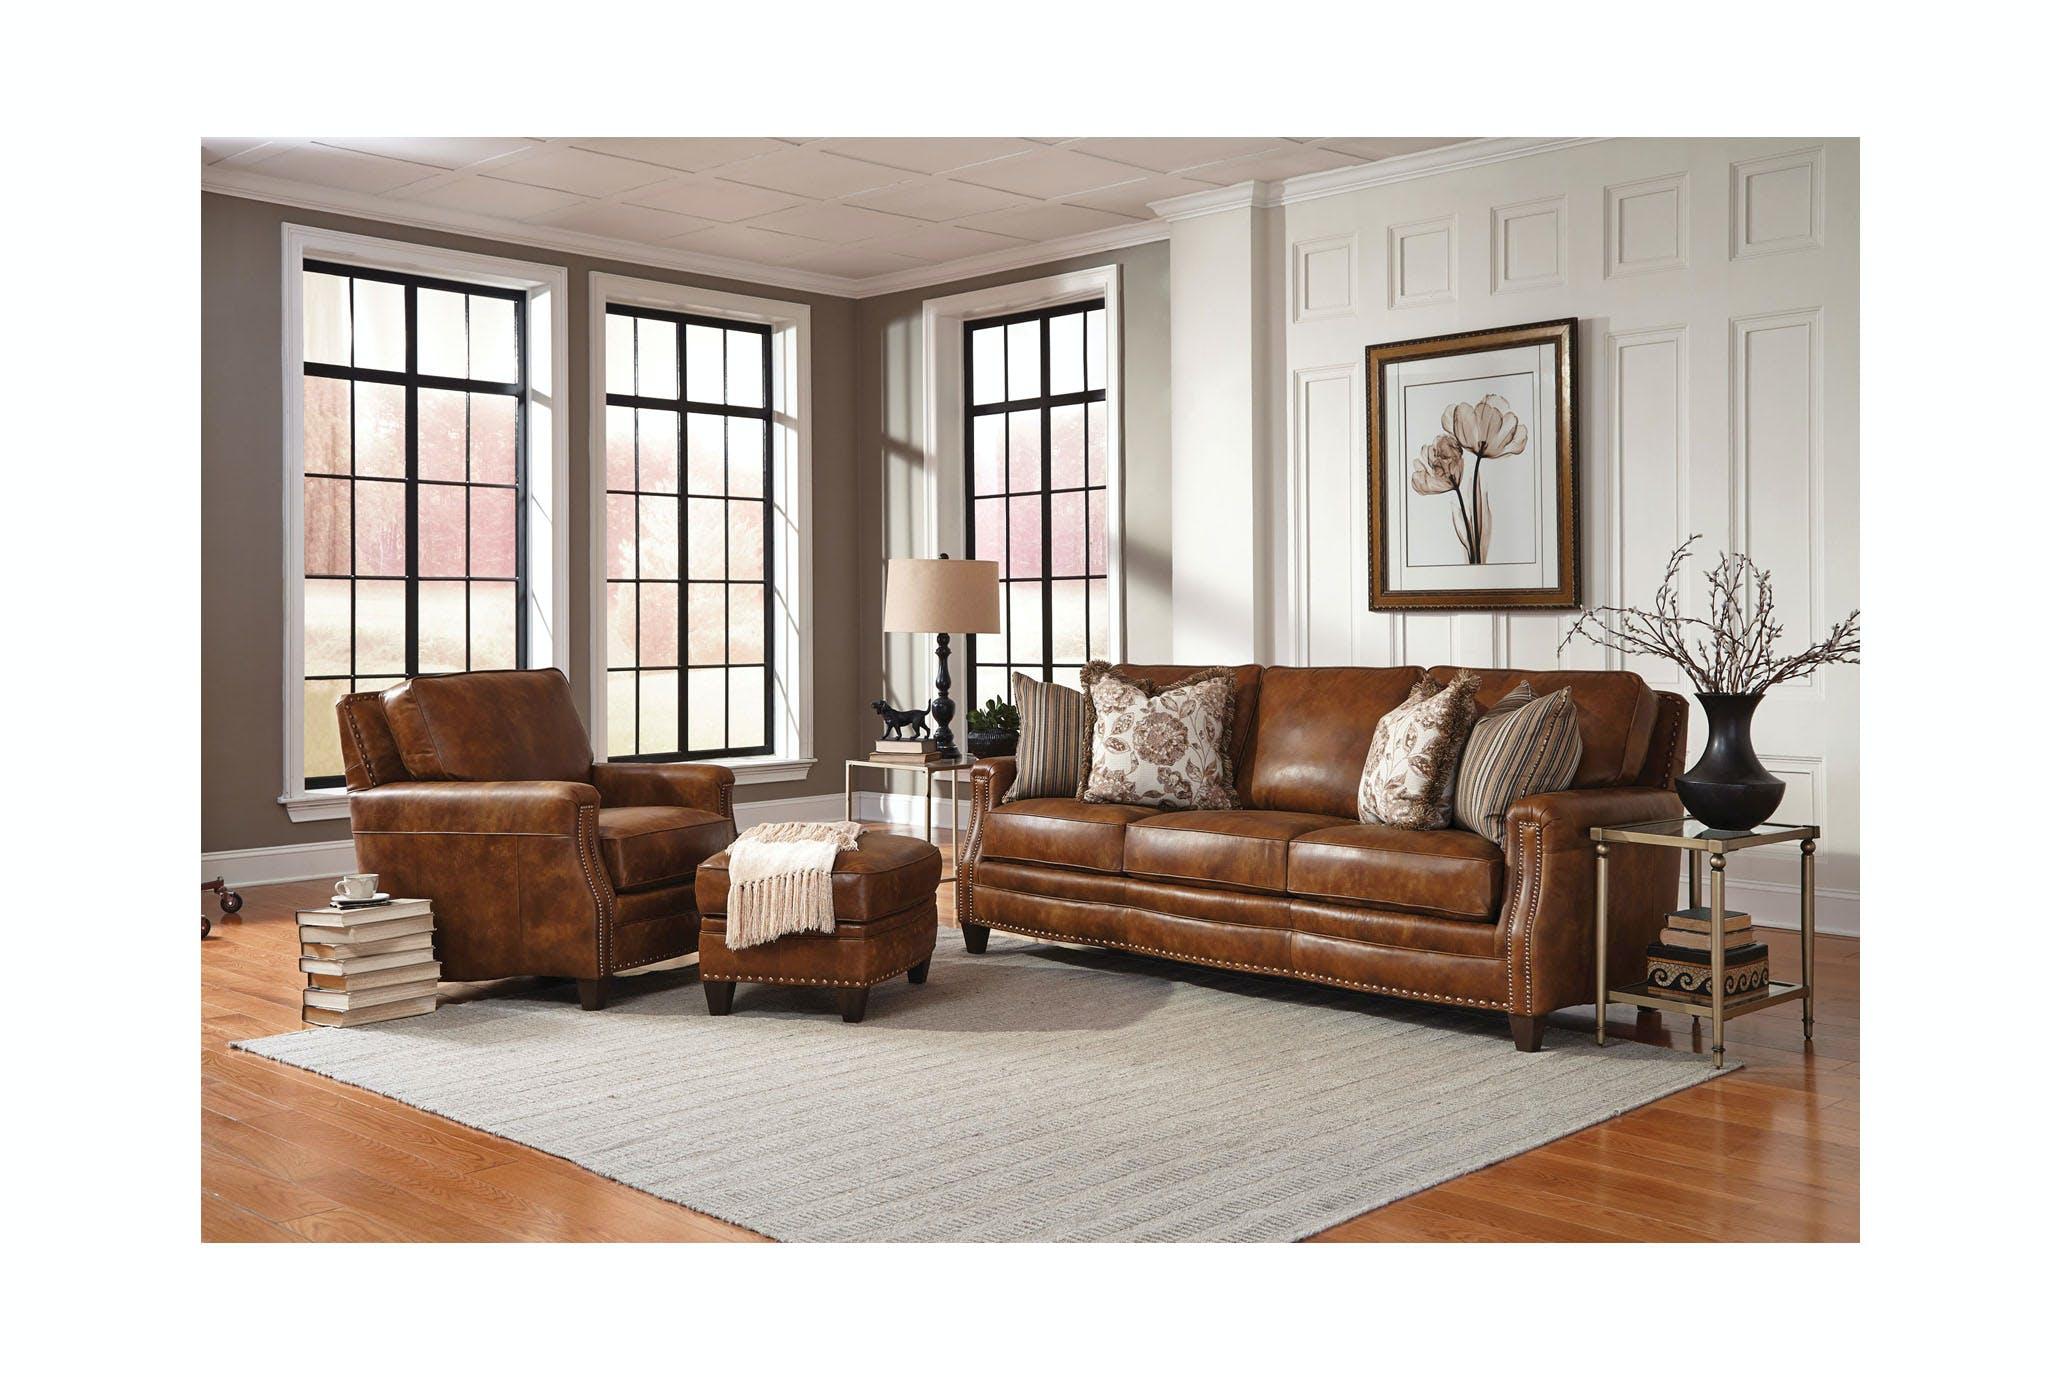 Smith Brothers Furniture Cincinnati